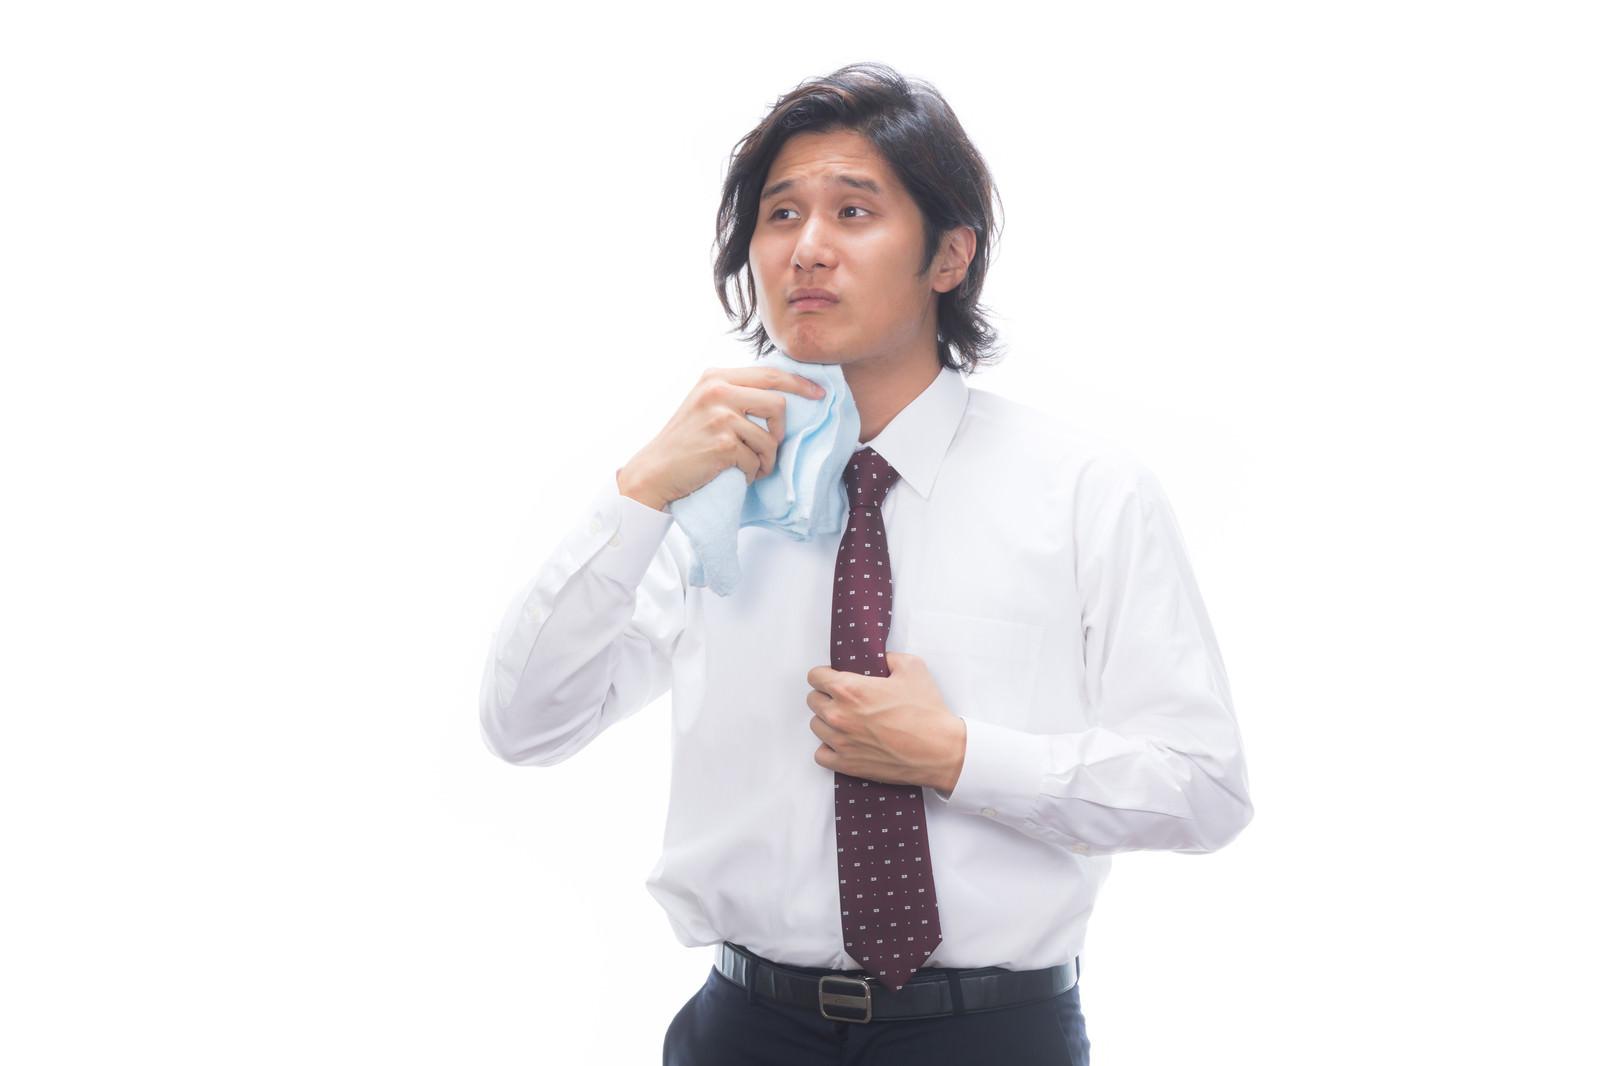 「タオルで汗を拭くサラリーマン」の写真[モデル:竹田匡宏]